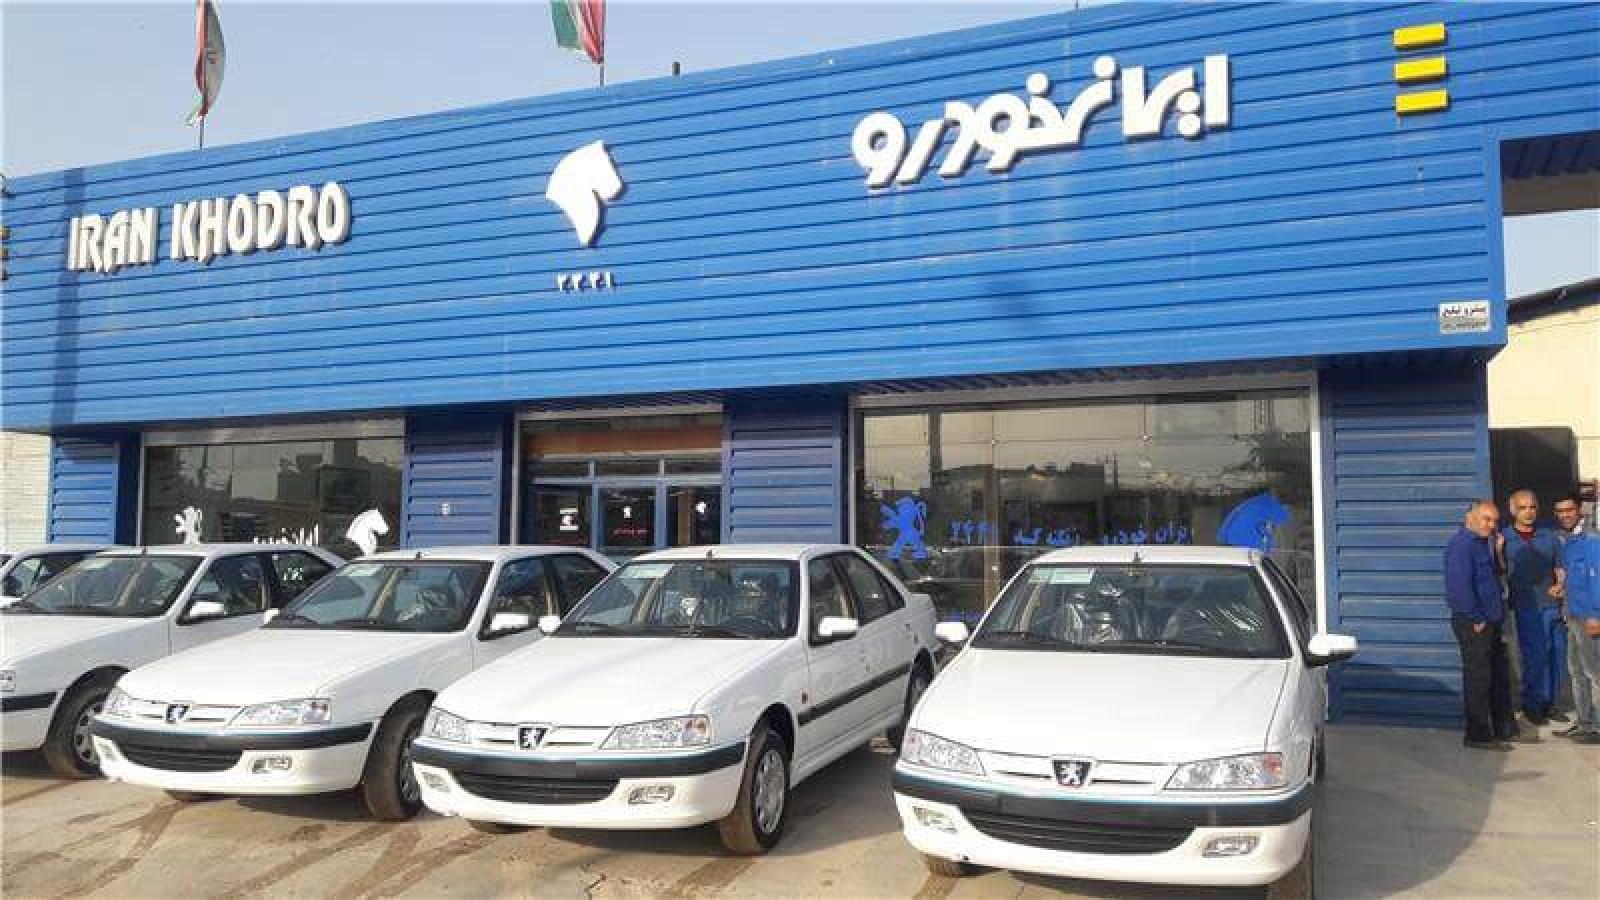 فروش فوری خودرو مشروط به انجام تعهدات پیشین -اجاره خودرو